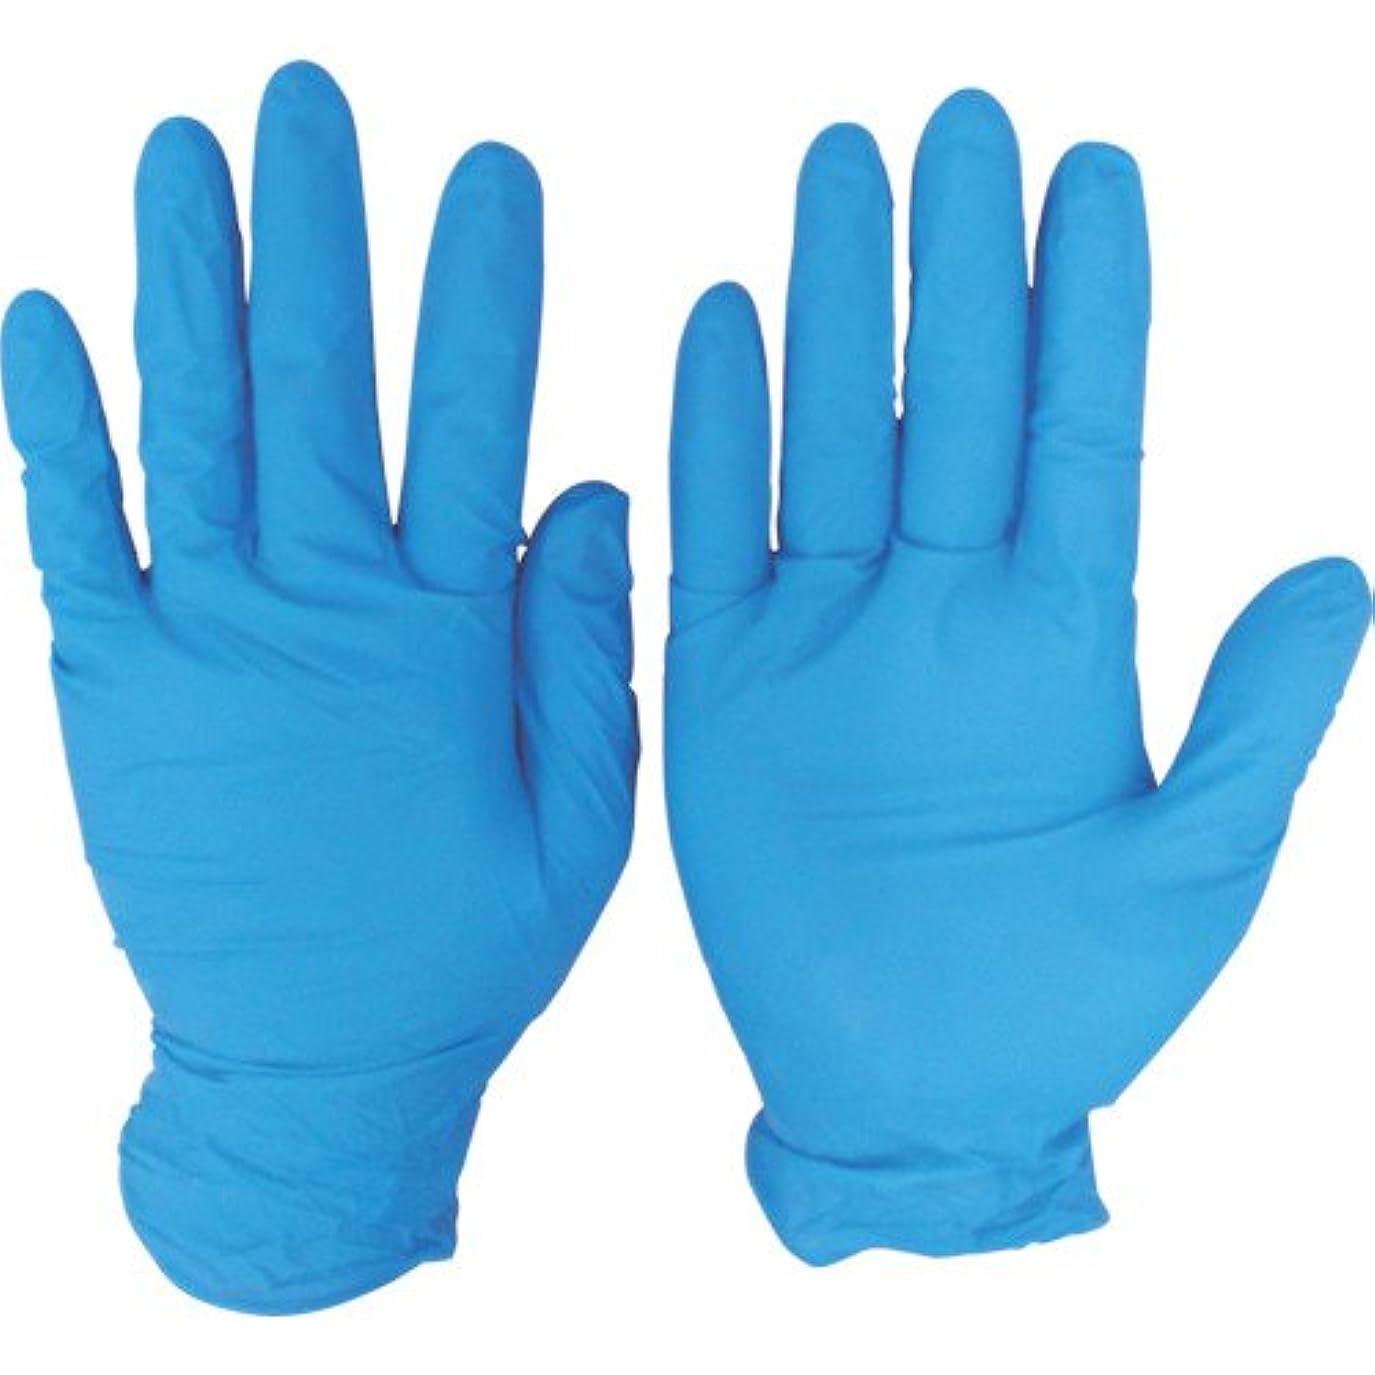 明るい疲れた寸法シンガー ニトリルディスポグローブ(手袋) No.810 ブルー パウダーフリー(100枚) SS